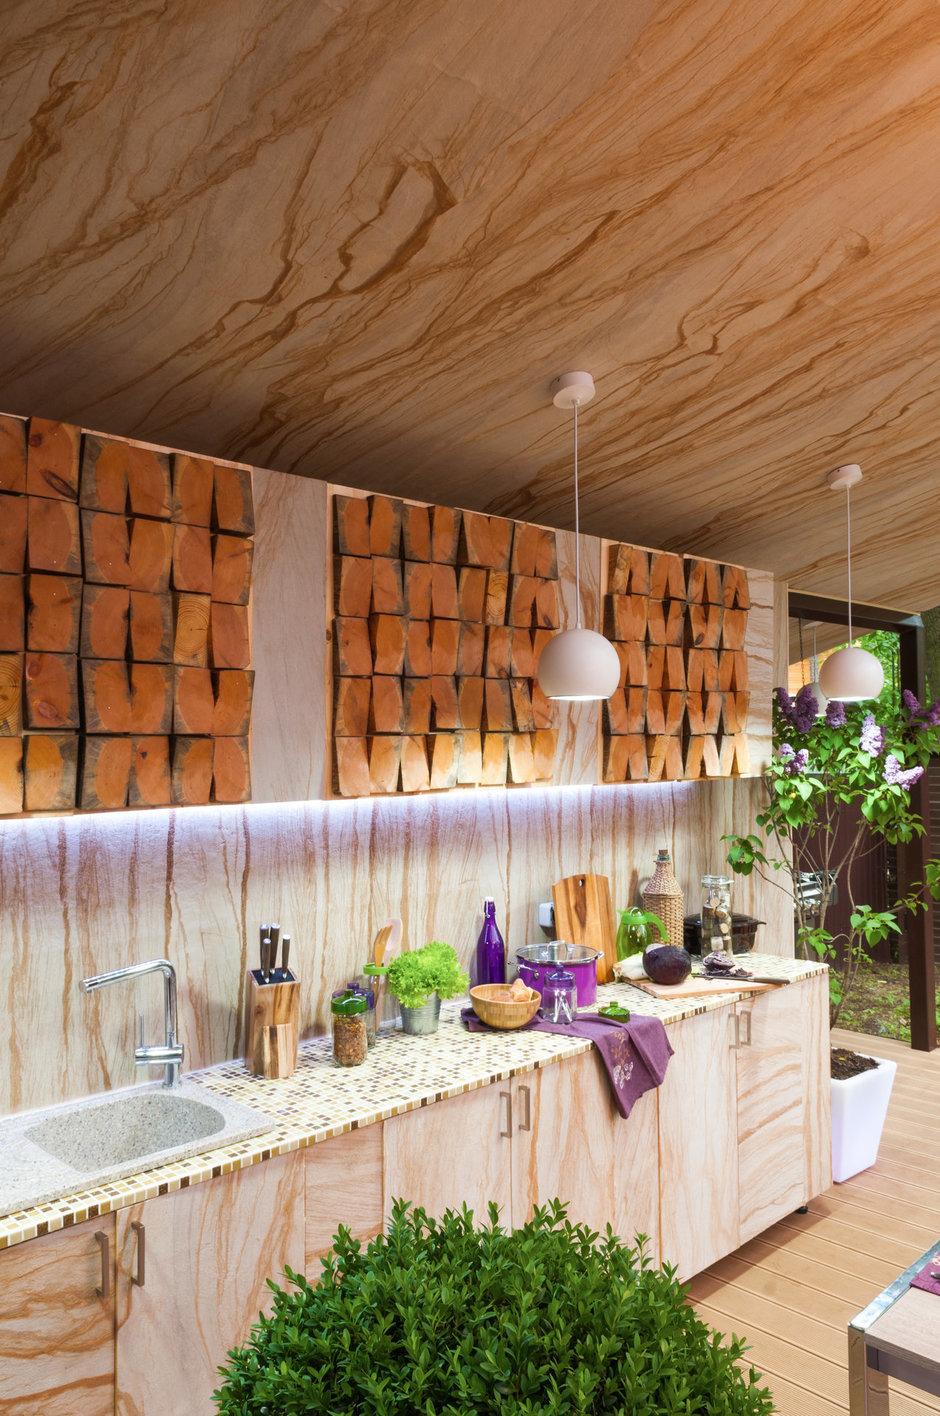 Фотография: Кухня и столовая в стиле Прованс и Кантри, Дом, Терраса, Дома и квартиры – фото на InMyRoom.ru